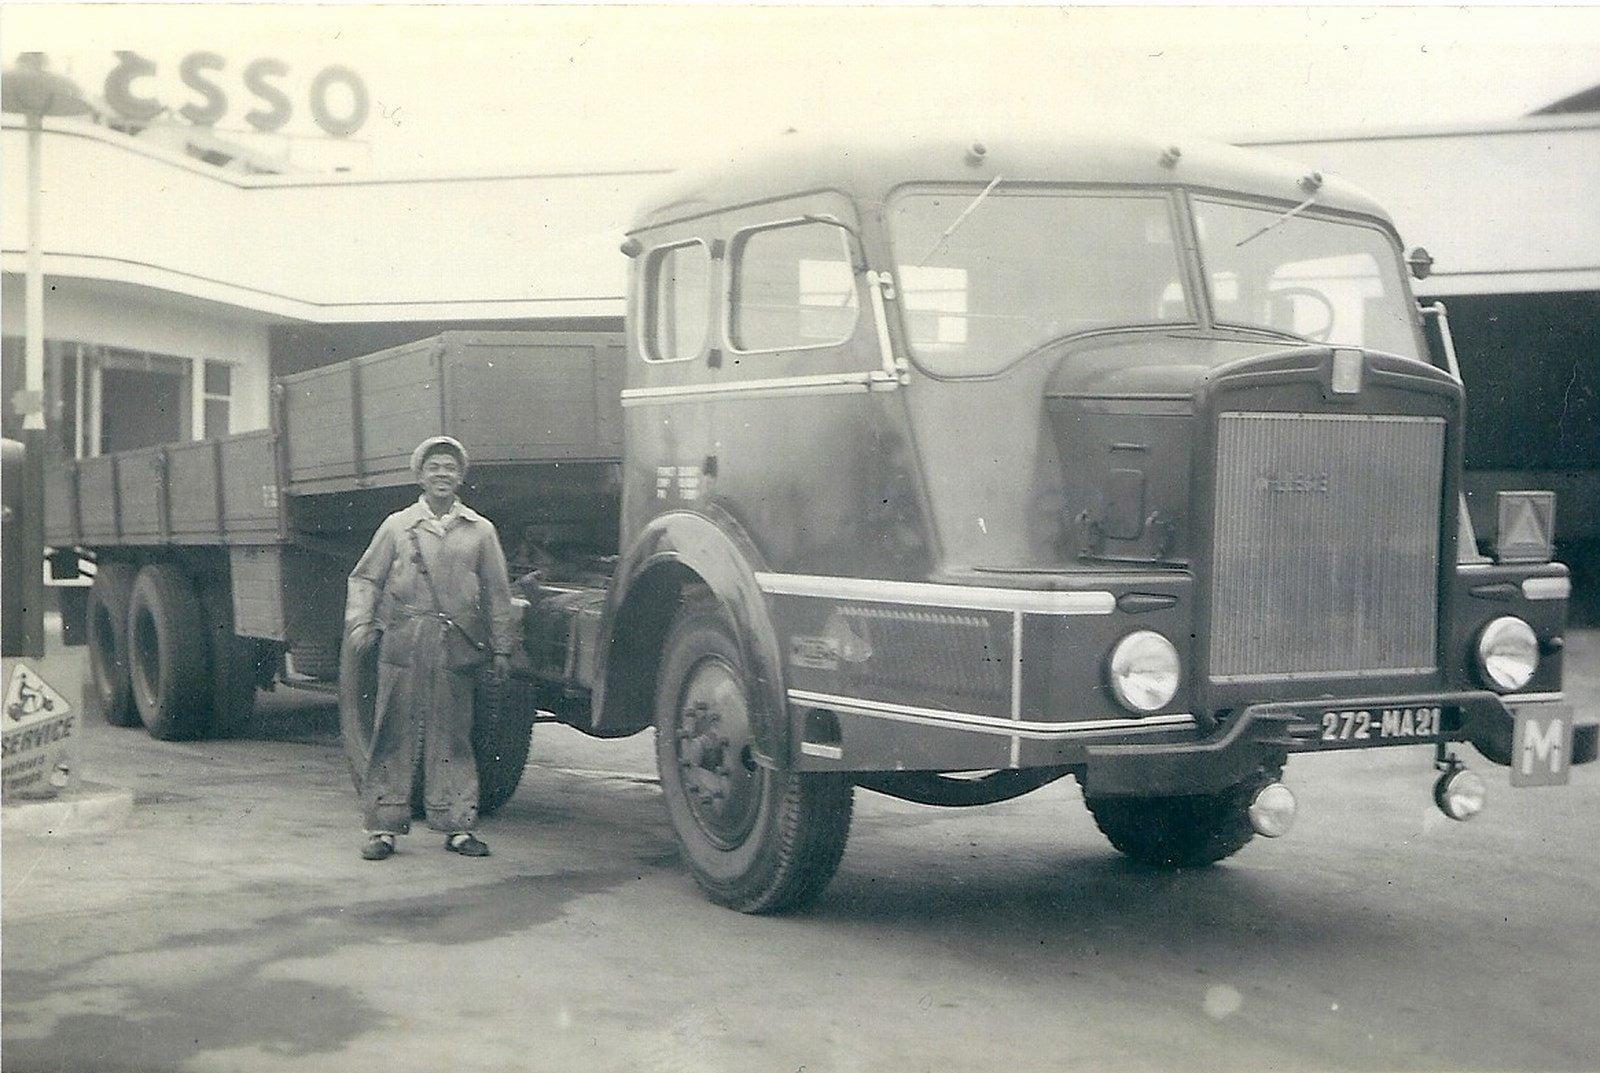 Willeme--de-lelijkste-vrachtwagen-ter-wereld--1952-varkens-neus---(1)